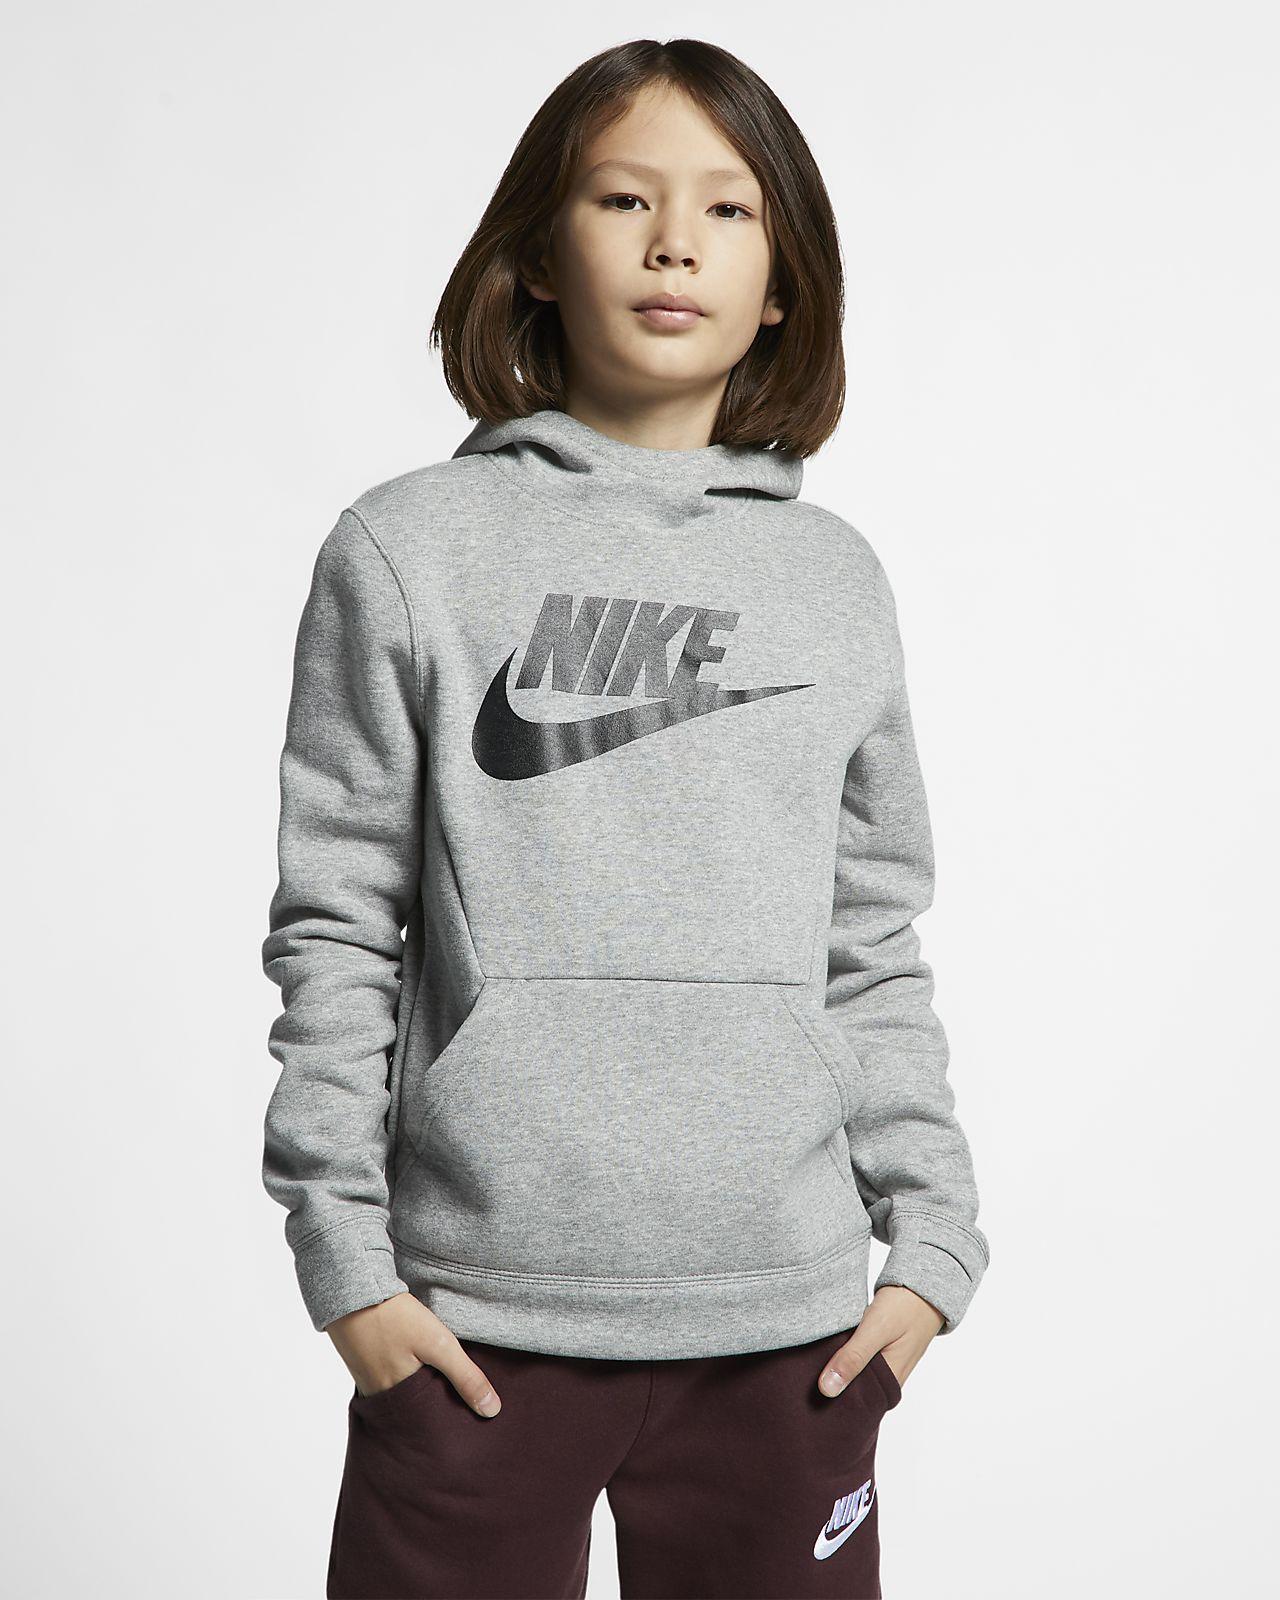 Flísová mikina s kapucí Nike Sportswear pro větší děti